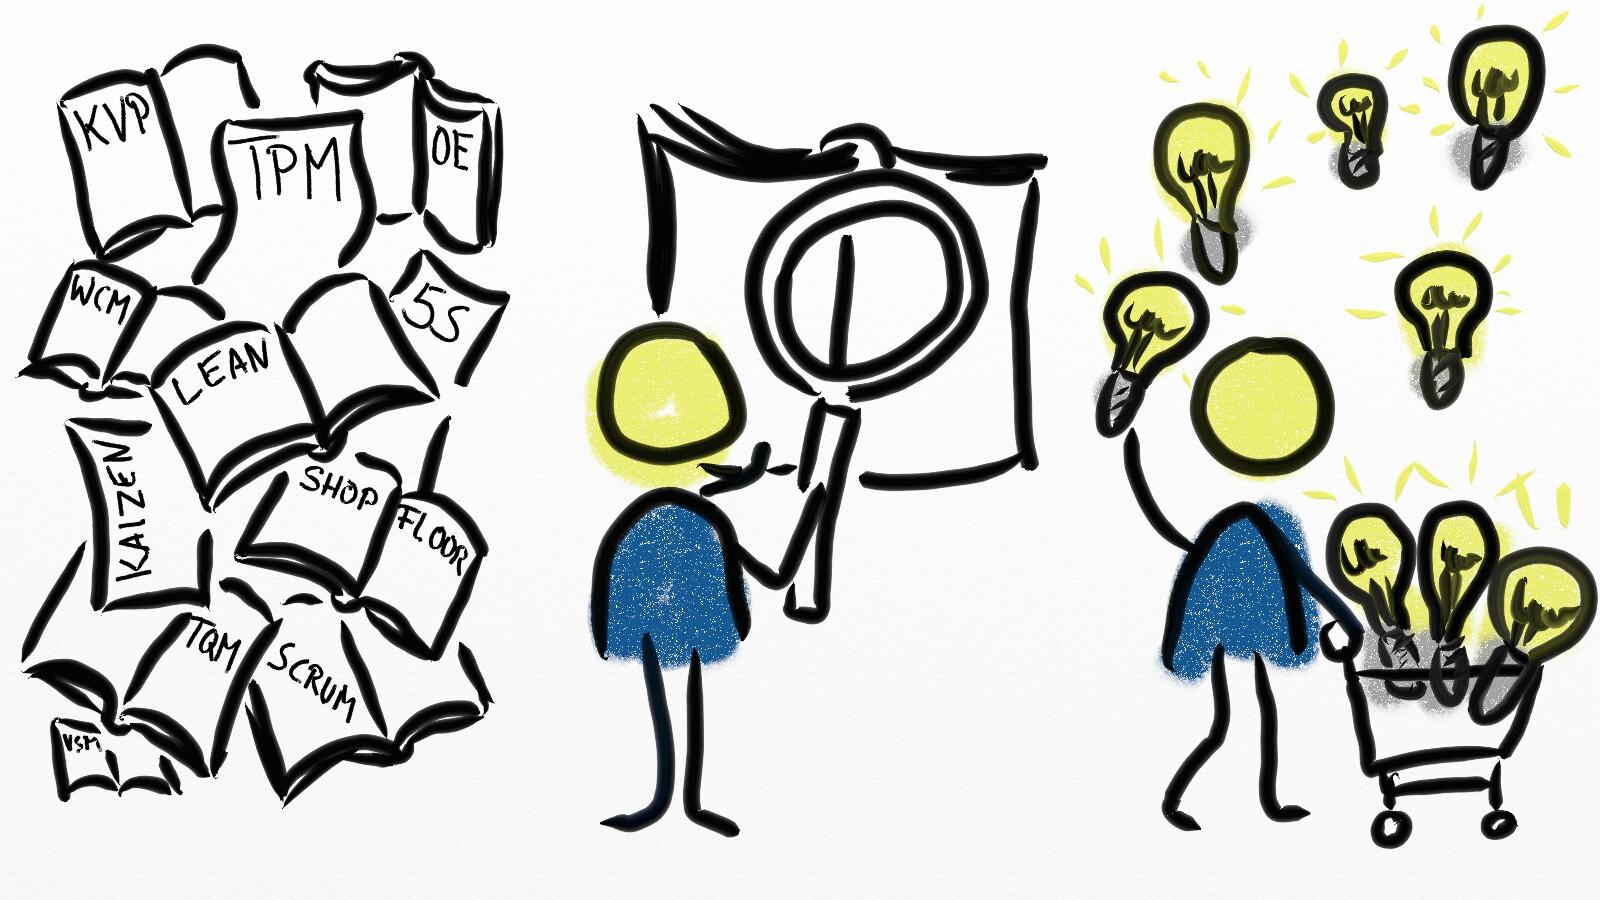 Strichmännchen finden Lean, KVP, TPM Wissen und Ideen.